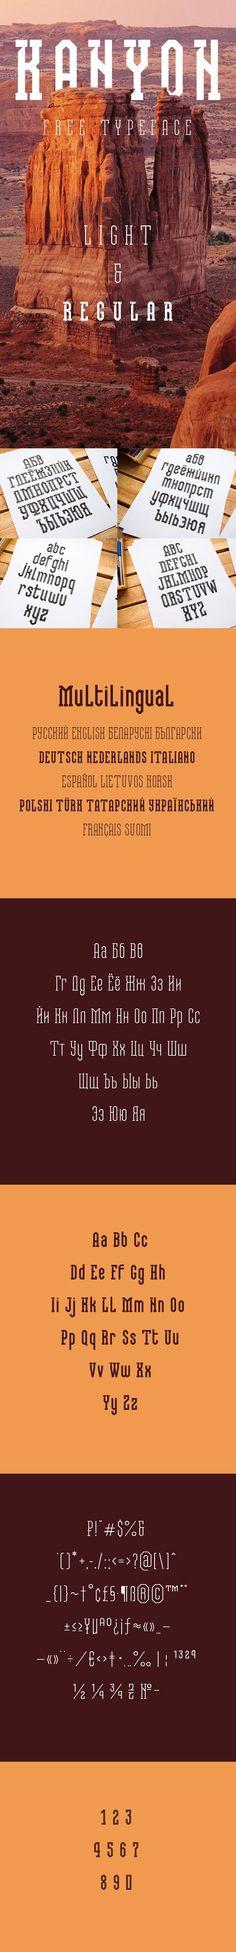 Kanyon-Free-Typeface